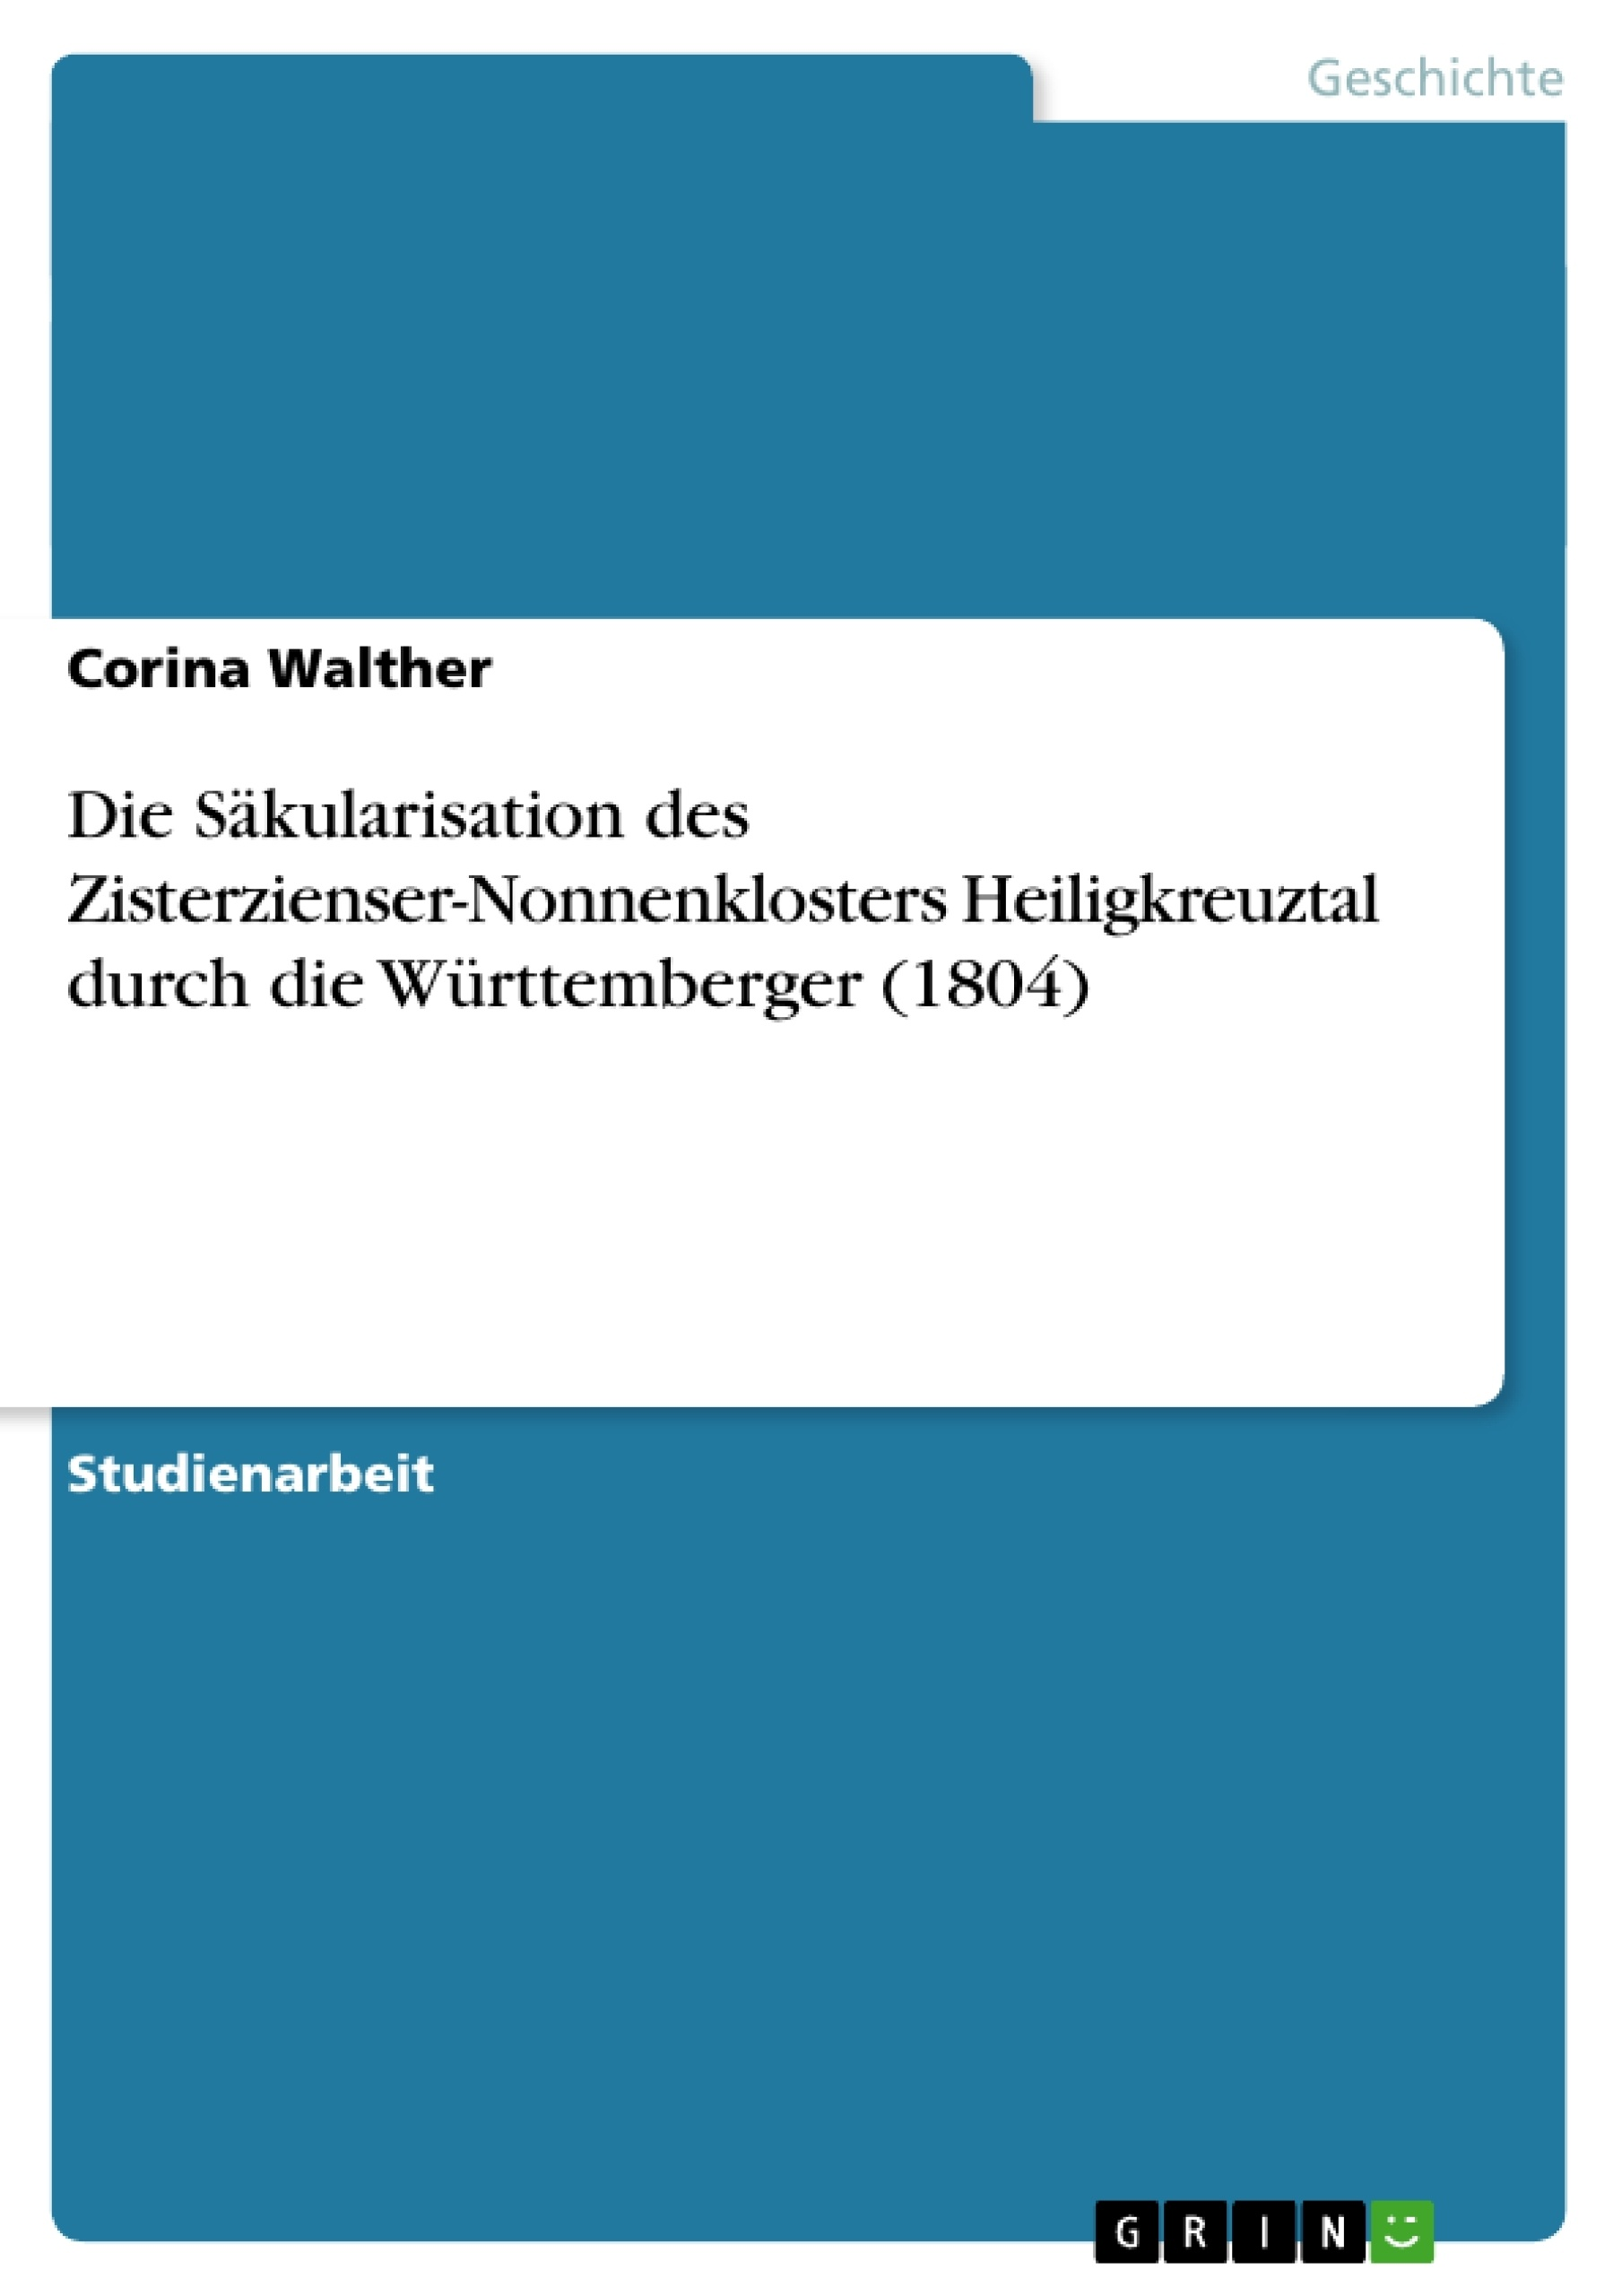 Titel: Die Säkularisation des Zisterzienser-Nonnenklosters Heiligkreuztal durch die Württemberger (1804)